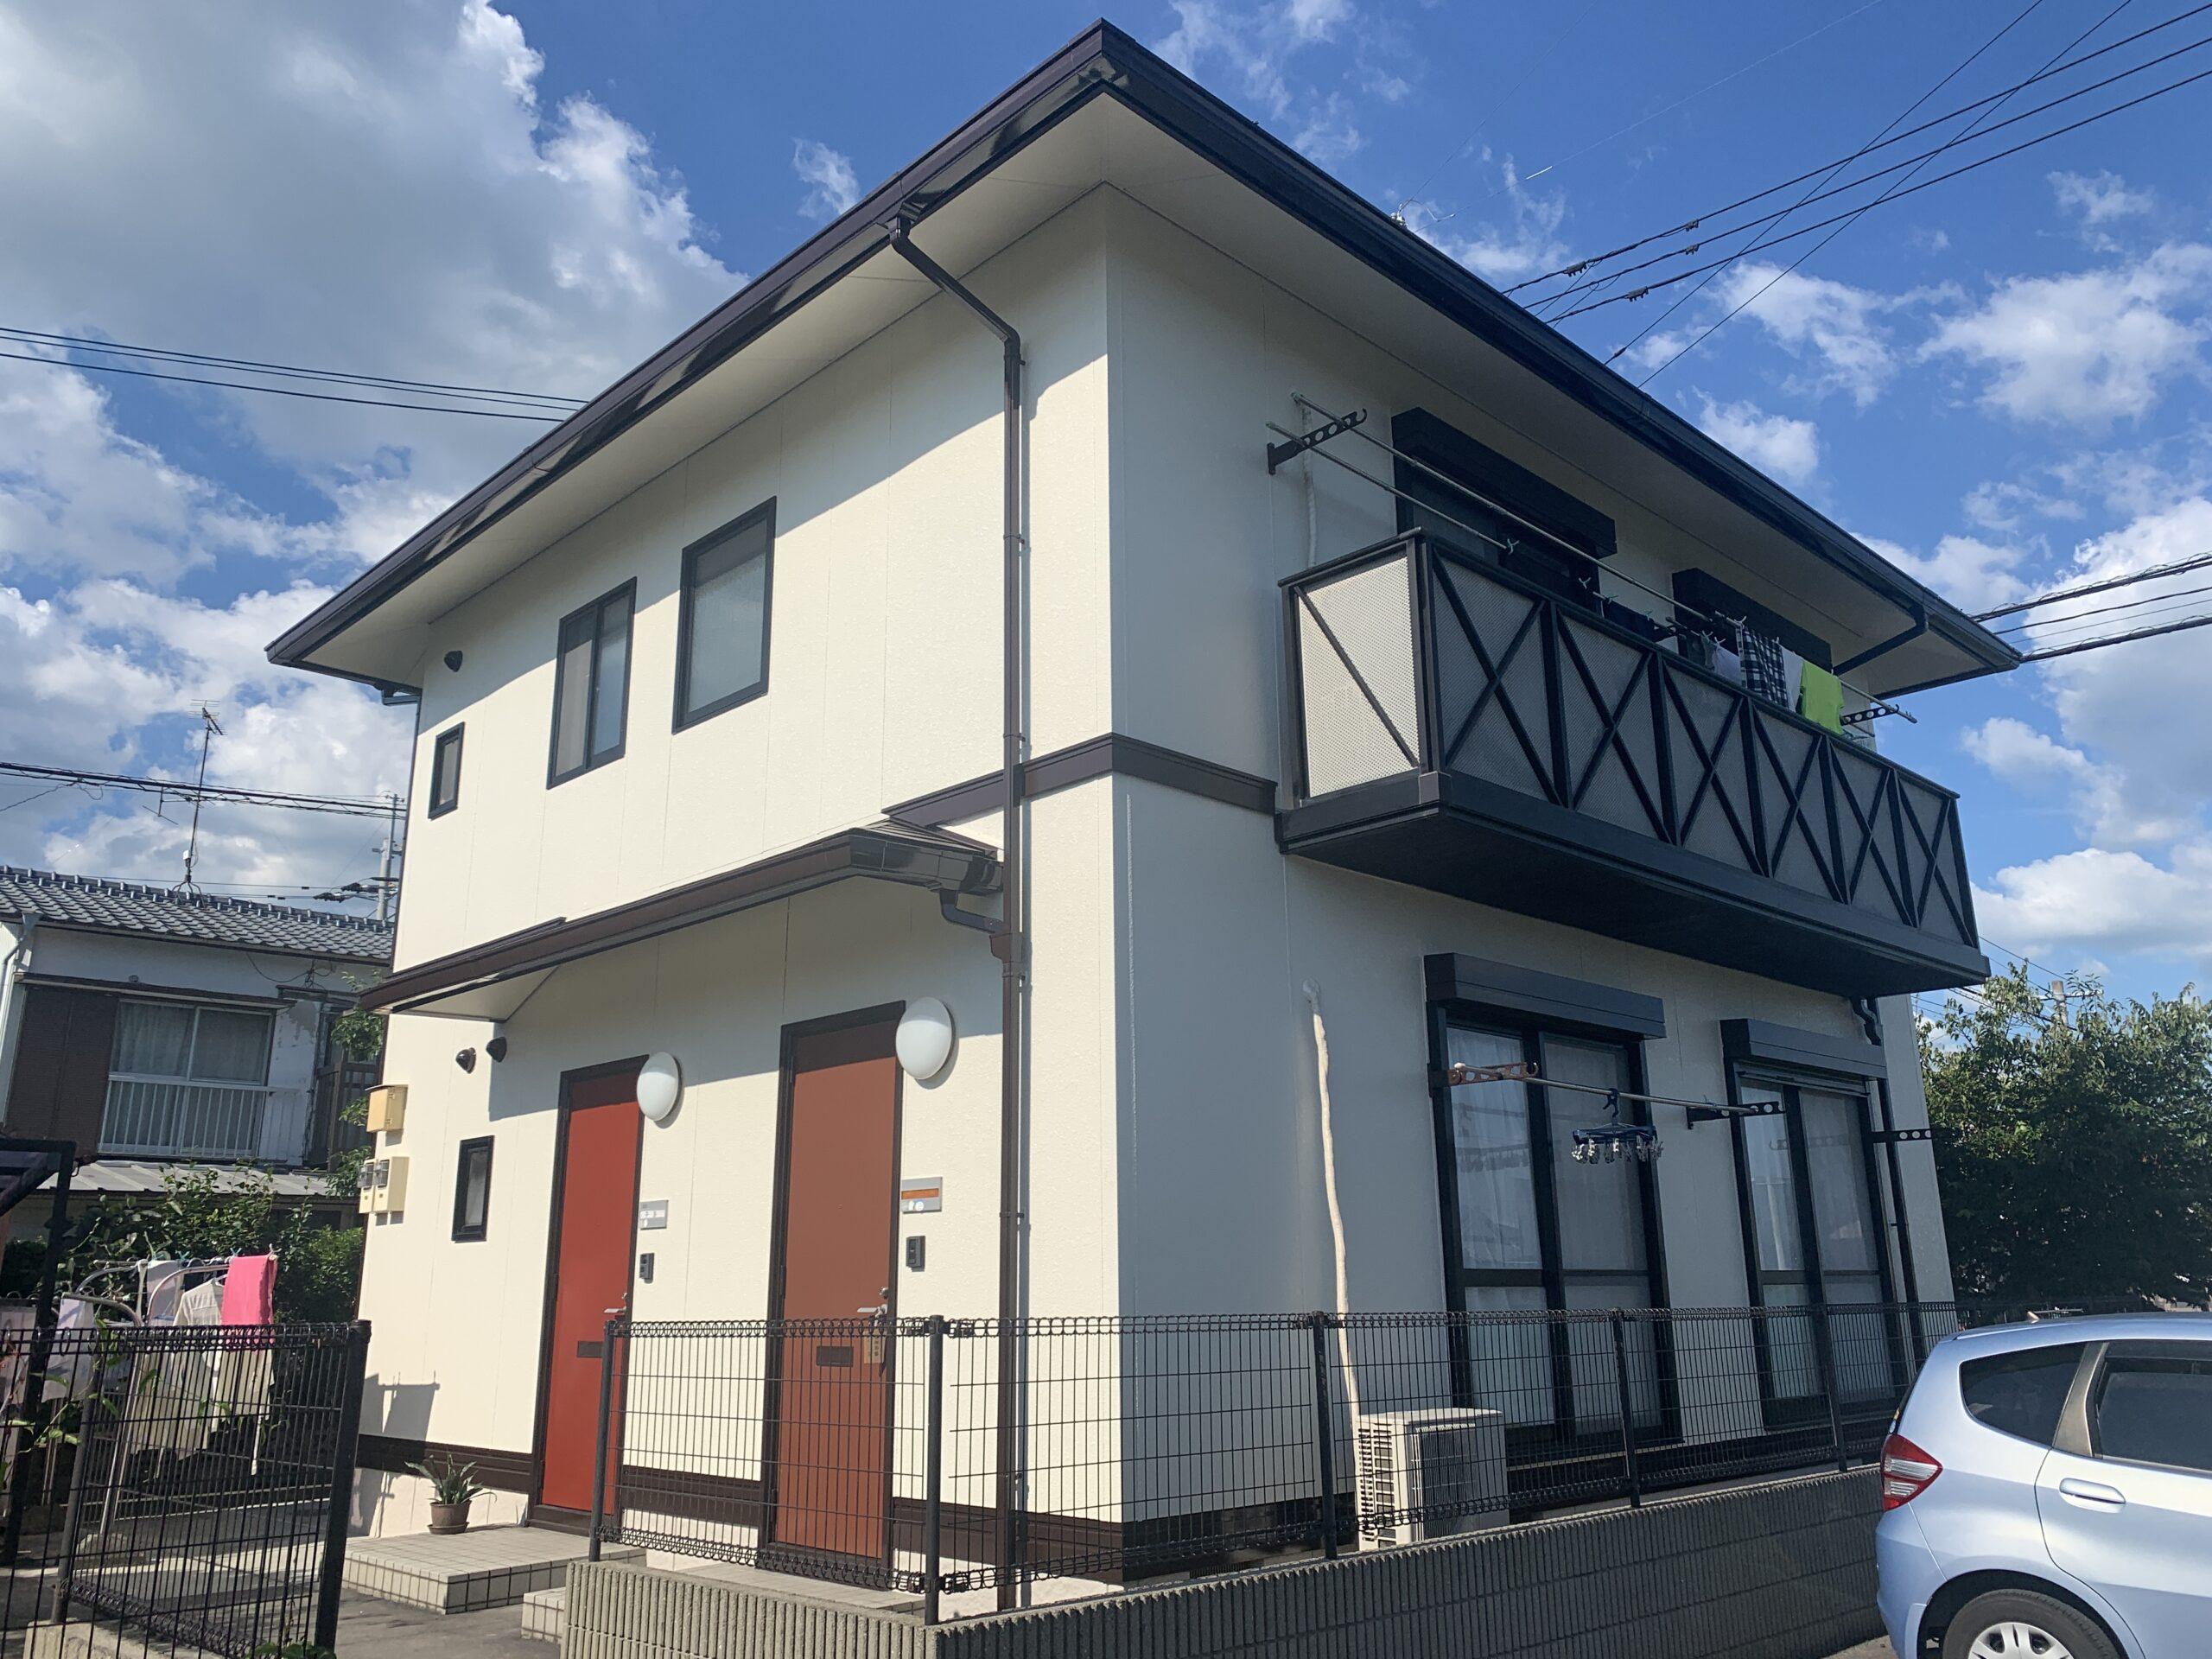 佐賀市 塗るばい サニー建設商事 佐賀市 外壁塗装 サニケン さにけん